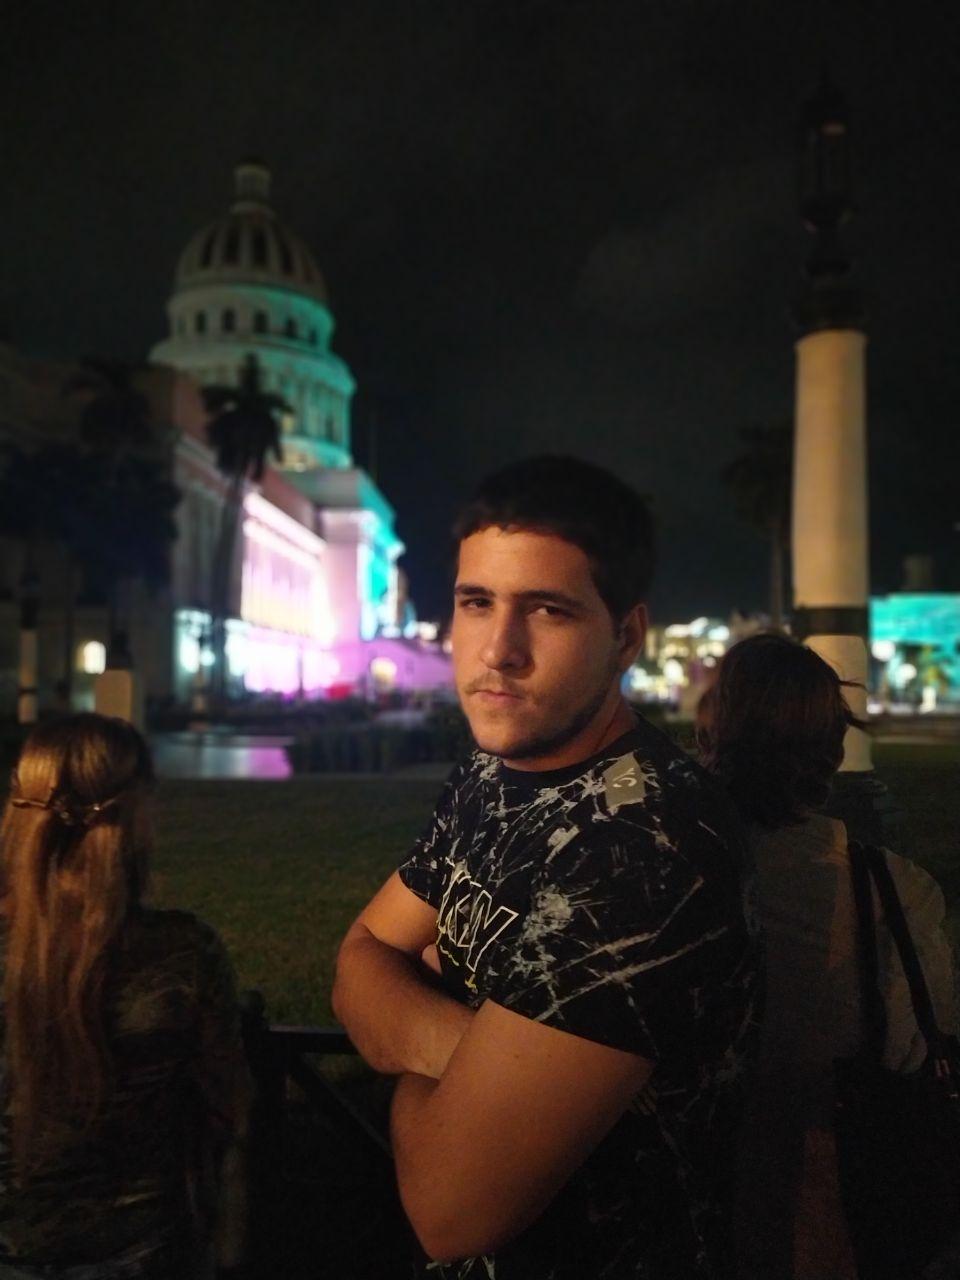 pablon (Cuba)